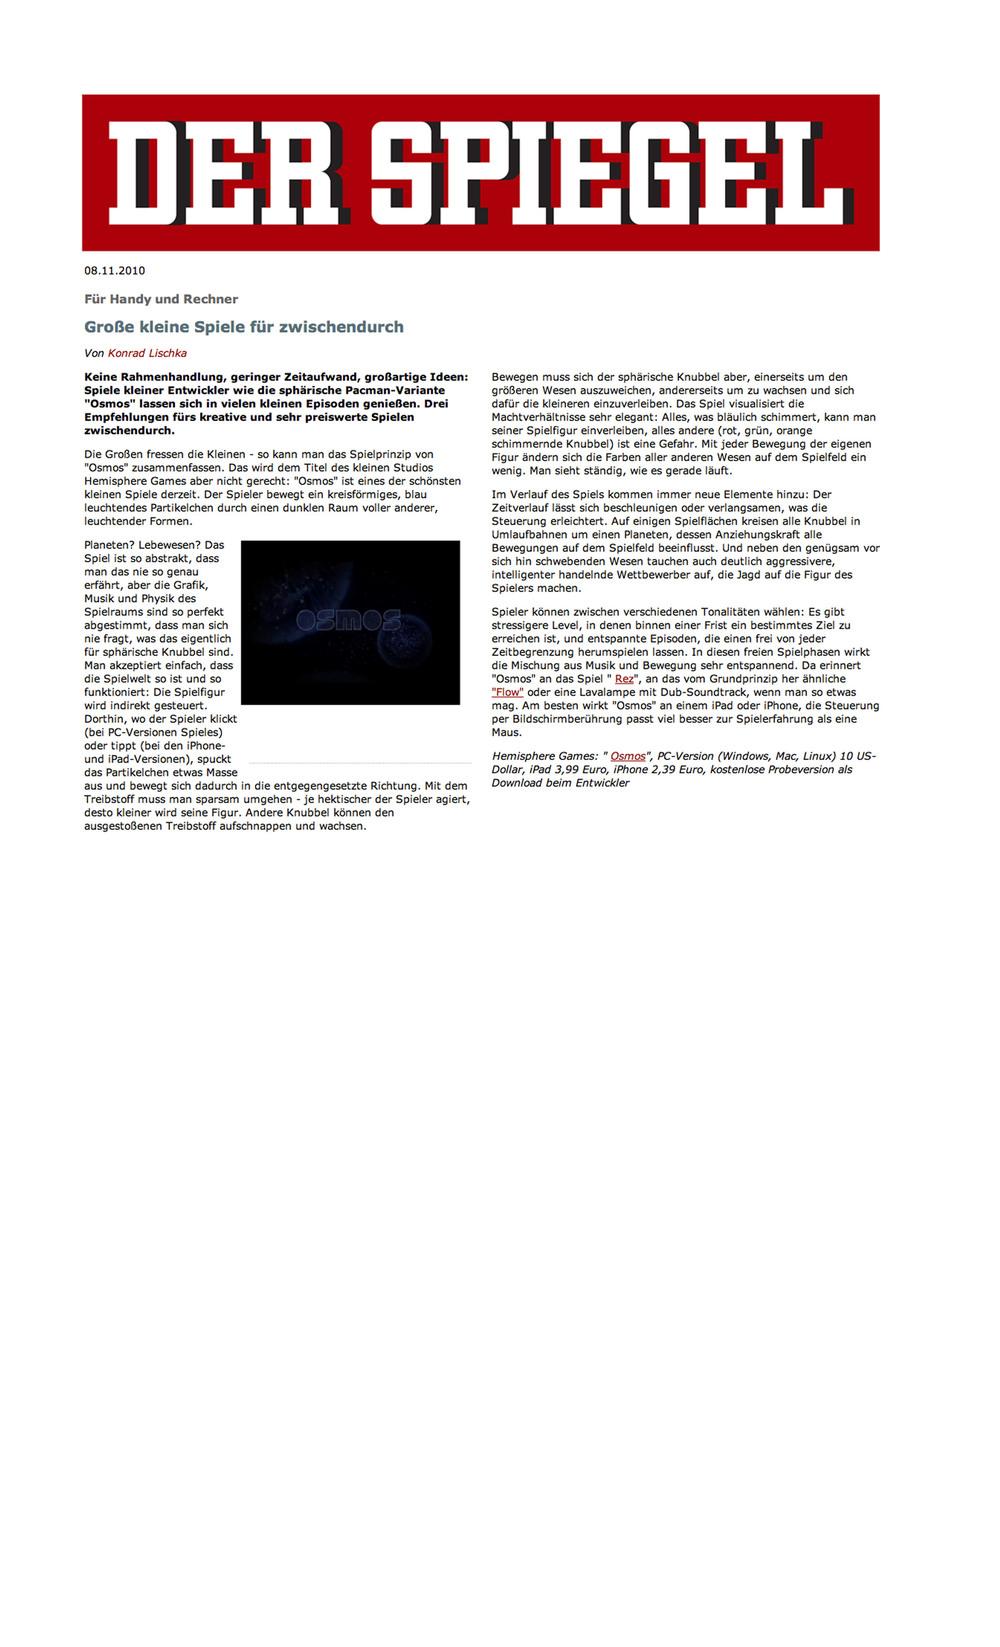 Osmos presskit_0004_Spiegel August 2010.jpg